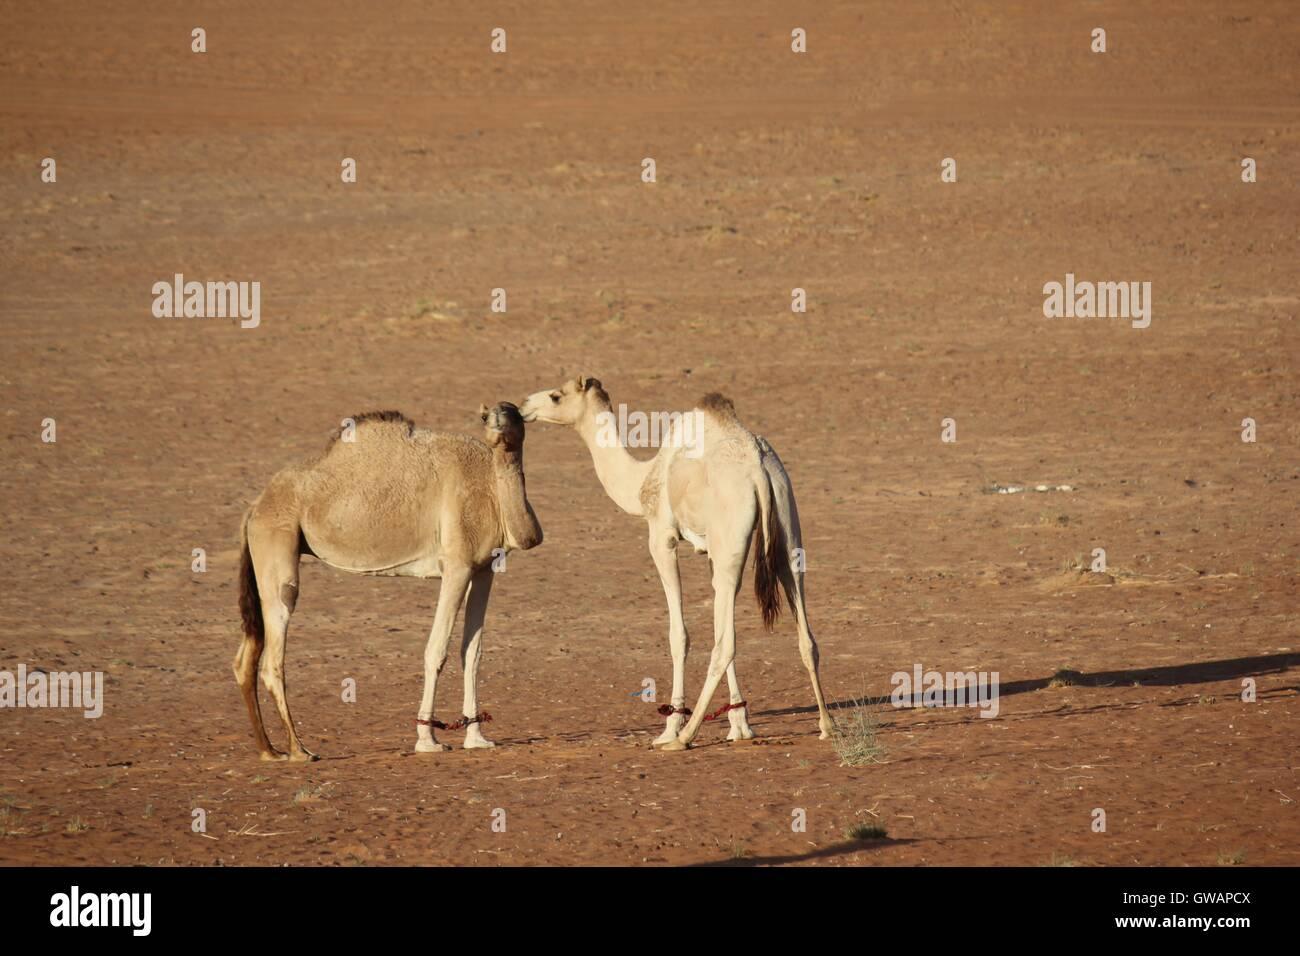 Camel in the desert. Image taken in Wahiba Sands desert, the main Omani desert. Stock Photo